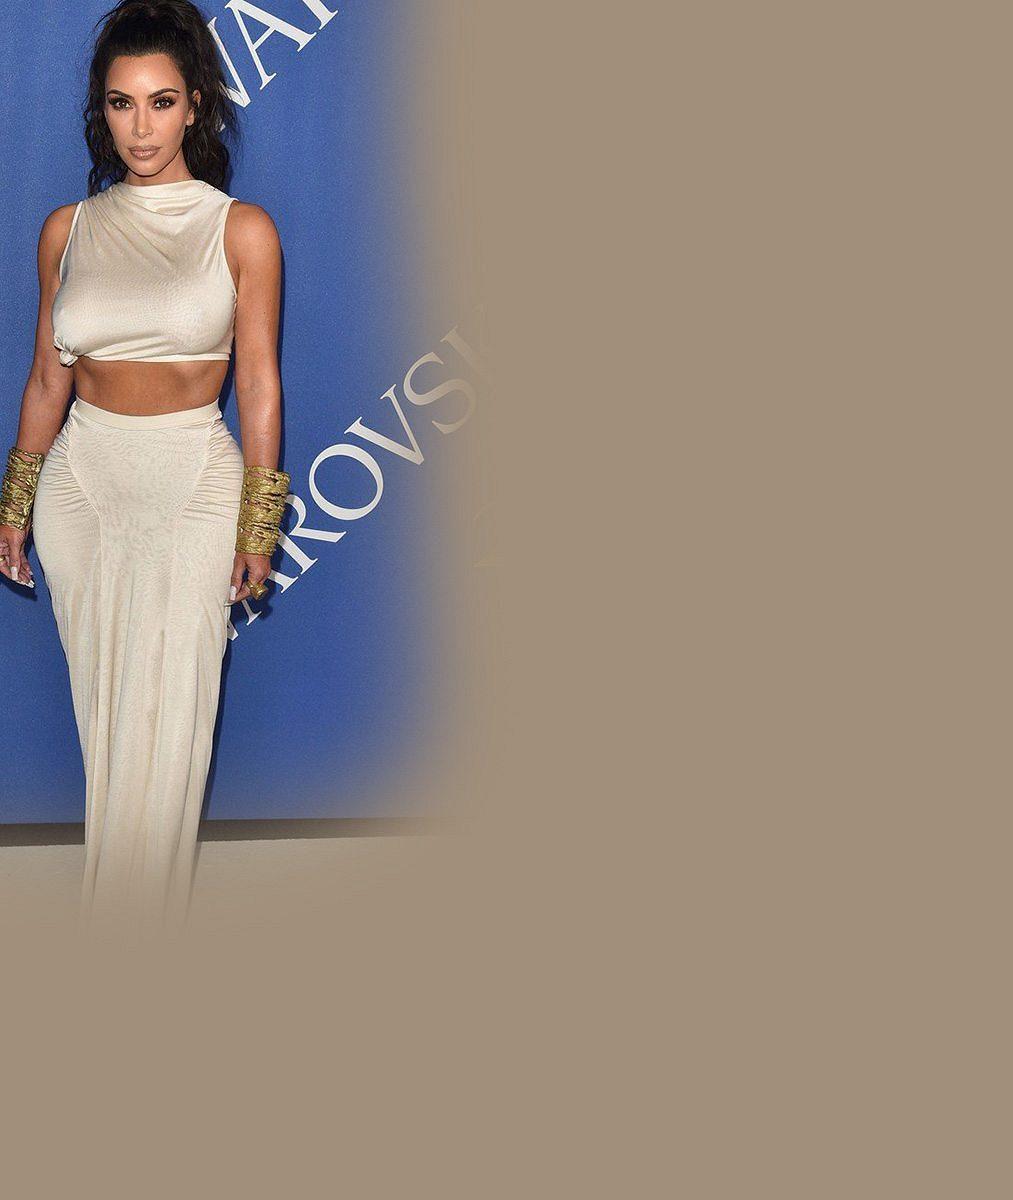 Kim Kardashian vystrčila pověstné pozadí, aby udělala reklamu sama sobě. Účel to splnilo